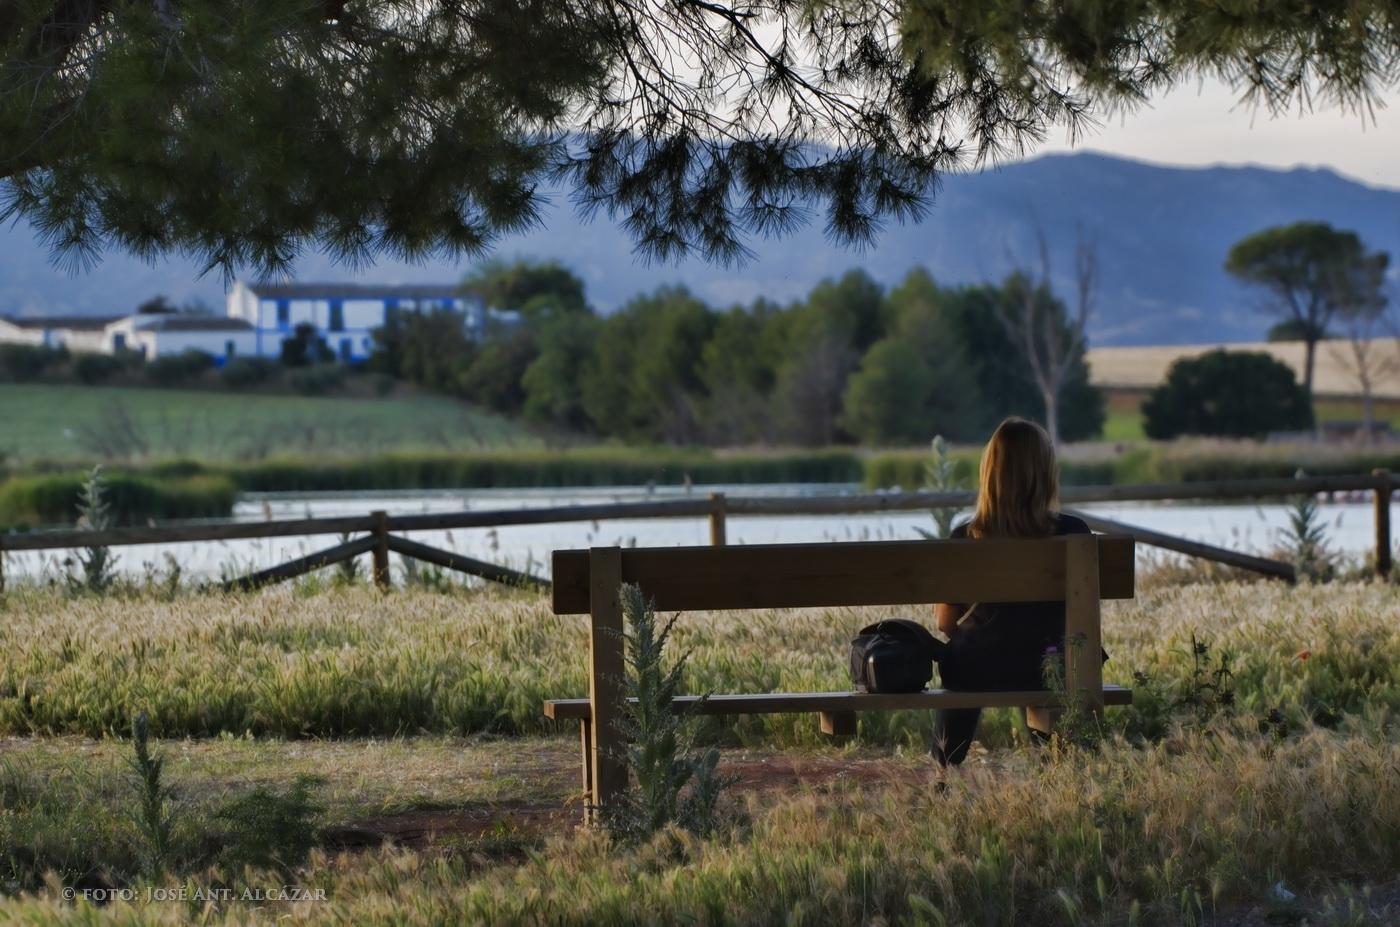 Contemplando el paisaje. (foto final después del procesado, ajustando el histograma)